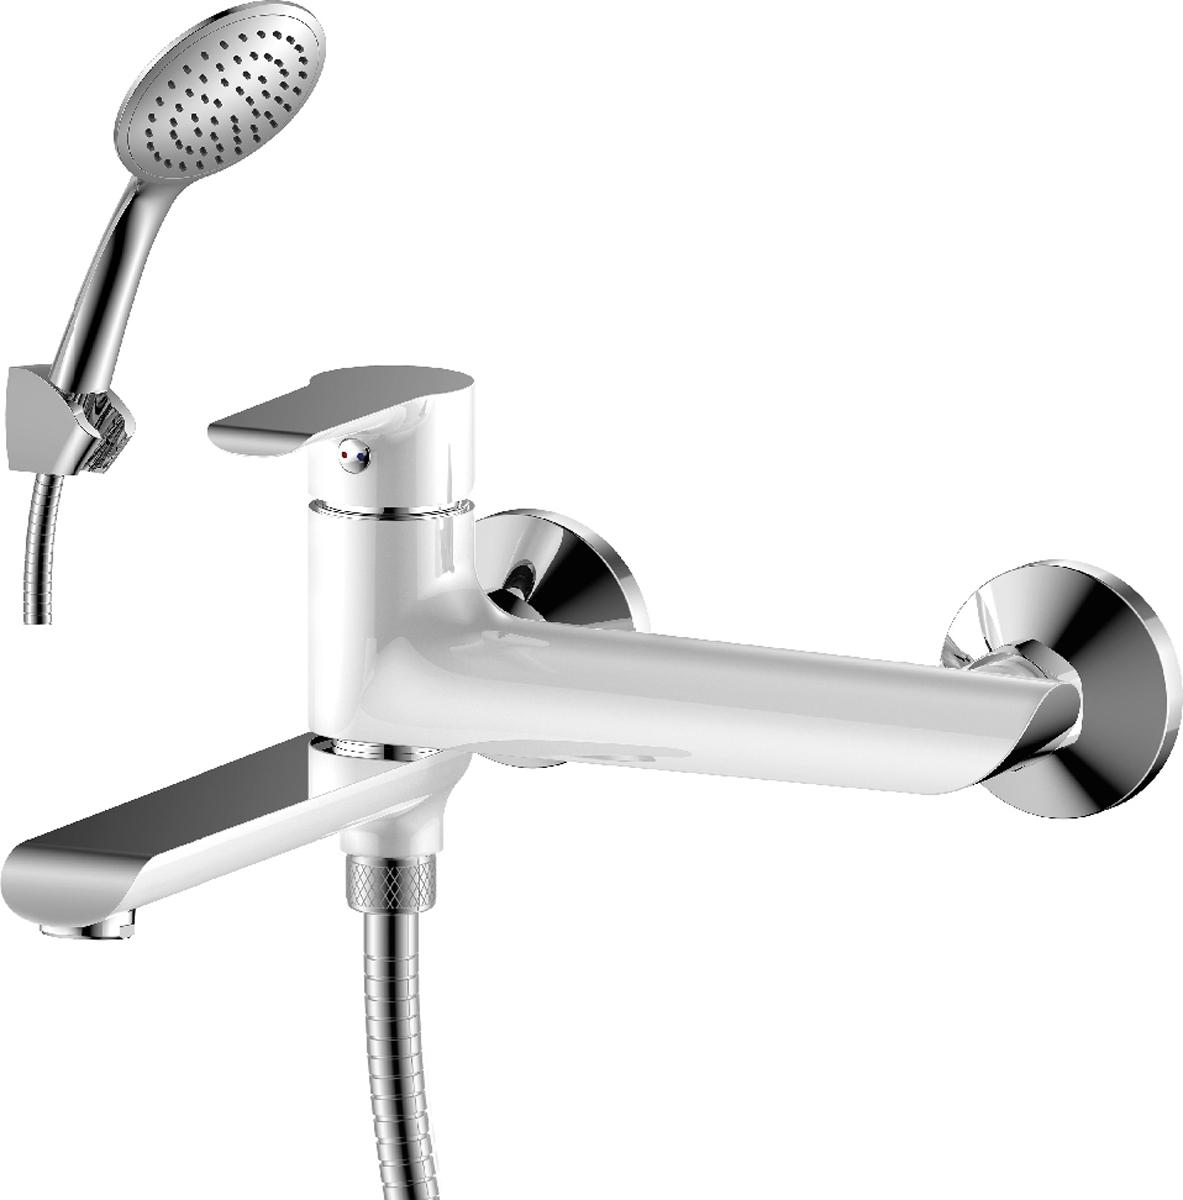 Смеситель Rossinka, для ванны. W35-33W35-33Смеситель для ванны с поворотным изливом Rossinka изготовлен высококачественного металла. Комплектация:Пластиковый аэратор с изменяемым углом подачи воды; Керамический картридж 35 мм; Встроенный в излив переключатель с керамическими пластинами; Аксессуары: (шланг 1,5 м, настенное крепление, 1-функциональная лейка); Присоединительная группа (эксцентрики с отражателями) для вертикального крепления; Металлическая рукоятка. Смесители Rossinka были разработаны российским институтом НИИ Сантехники, что позволило произвести продукт, максимально подходящий под условия эксплуатации в нашей стране (жесткая вода, частые перепады температуры и напора воды).НИИ Сантехники рекомендует установку смесителей Rossinka в жилых помещениях, в детских, лечебно-профилактических, дошкольных и школьных учреждениях.Наличие международного сертификата ISO 9001 гарантирует стабильность качества выпускаемой продукции.Сервисная сеть насчитывает 90 гарантийных мастерских по России и странам СНГ. Плановый срок службы смесителей 30 лет.Гарантия на корпус смесителя при условии использования в бытовых условиях 7 лет.